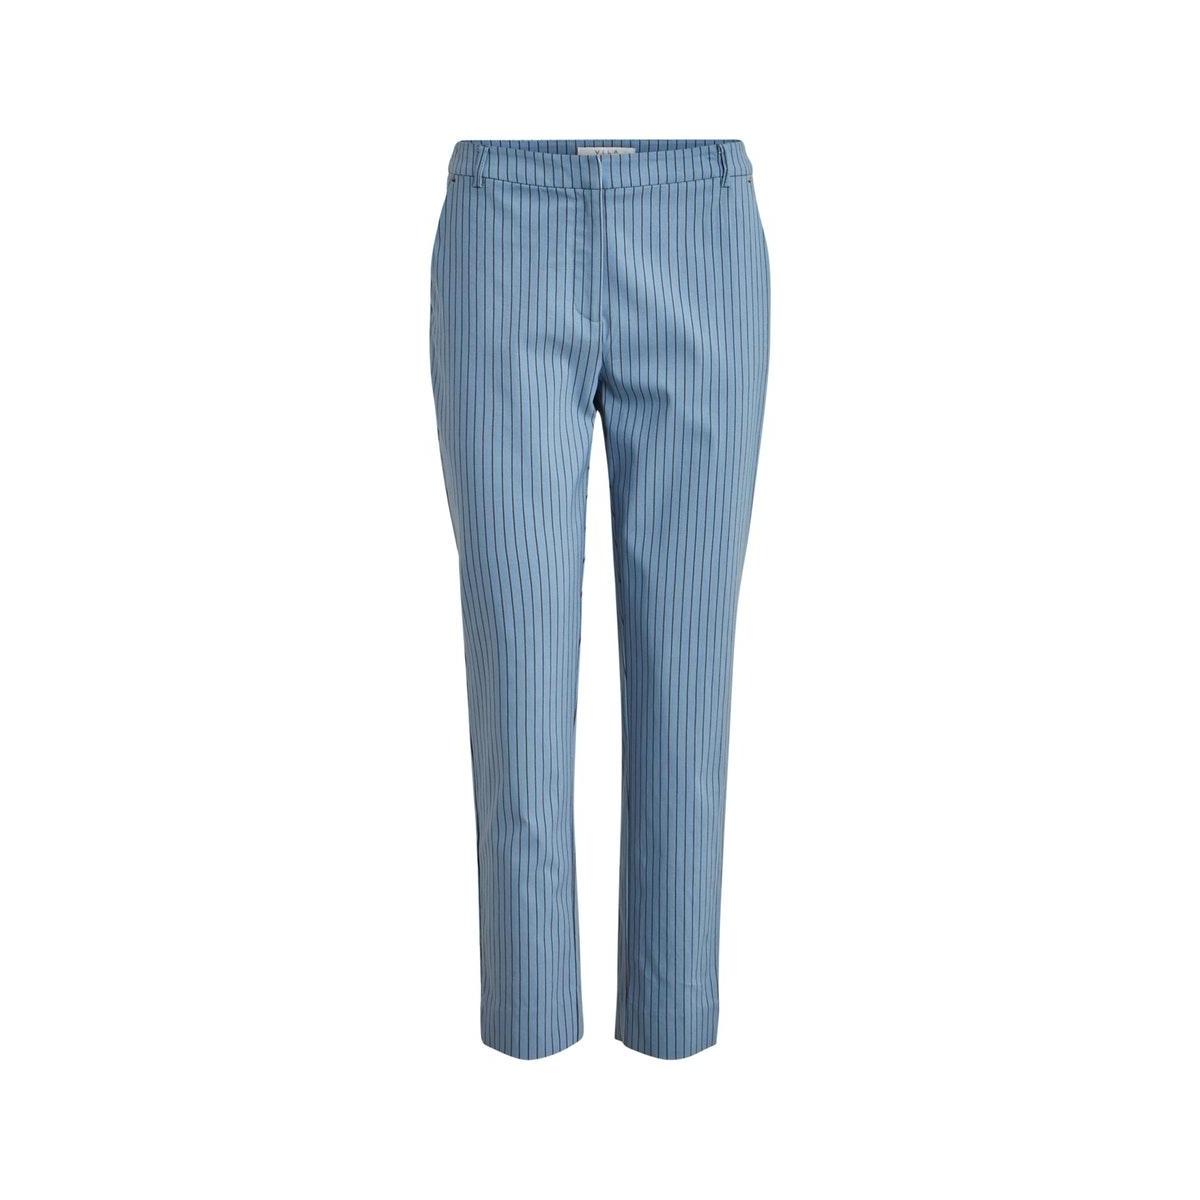 vimarikka rwsl 7/8 pants 14056126 vila broek ashley blue/rawhide